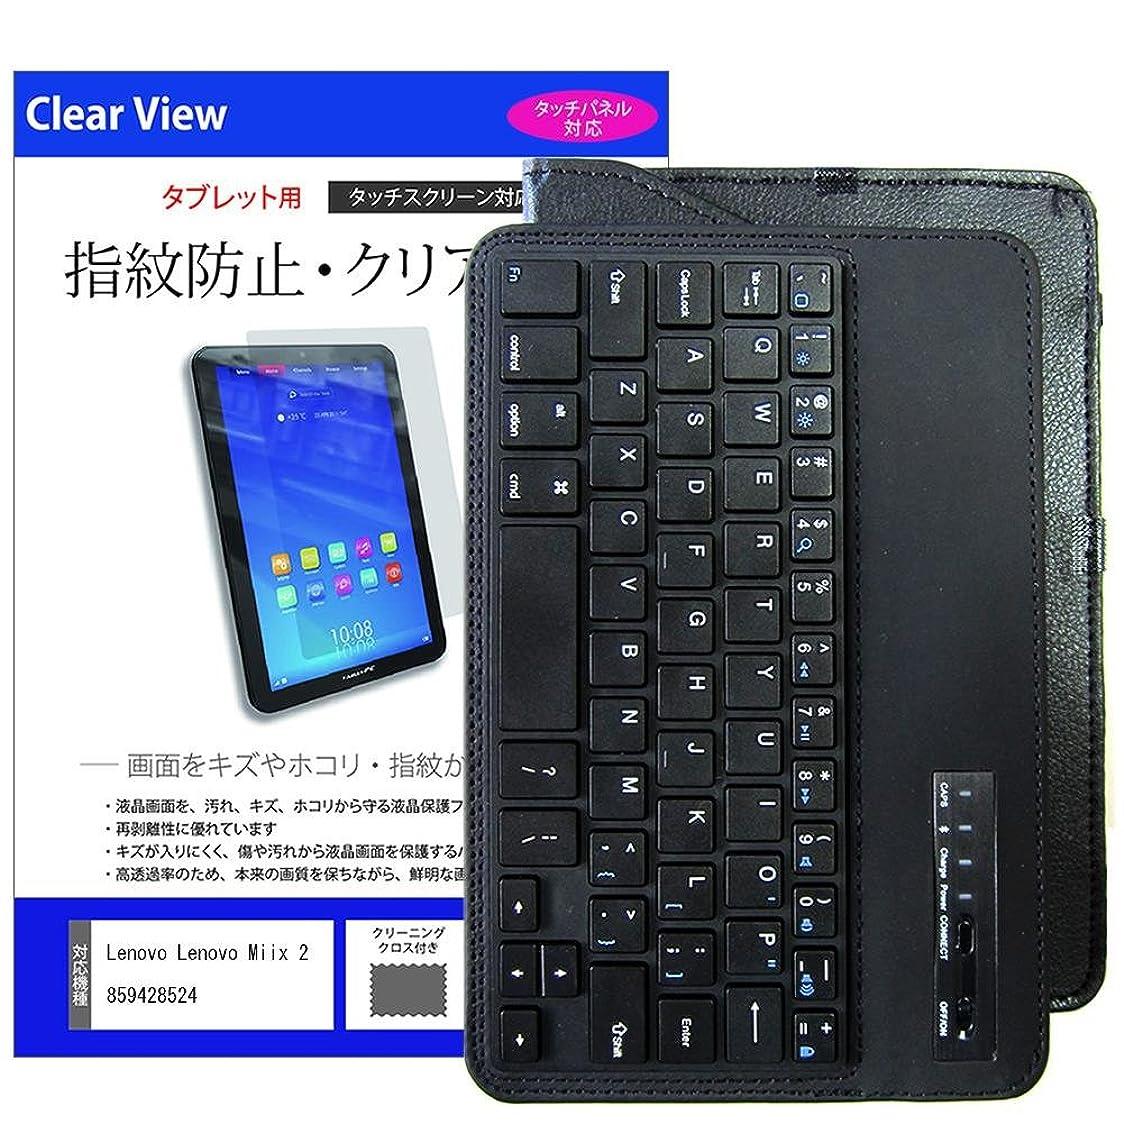 ミシンチョーク起点メディアカバーマーケット Lenovo Lenovo Miix 2 8 59428524 [8インチ(800x1280)]機種で使える【Bluetoothキーボード付き レザーケース 黒 と 指紋防止 クリア光沢 液晶保護フィルム のセット】